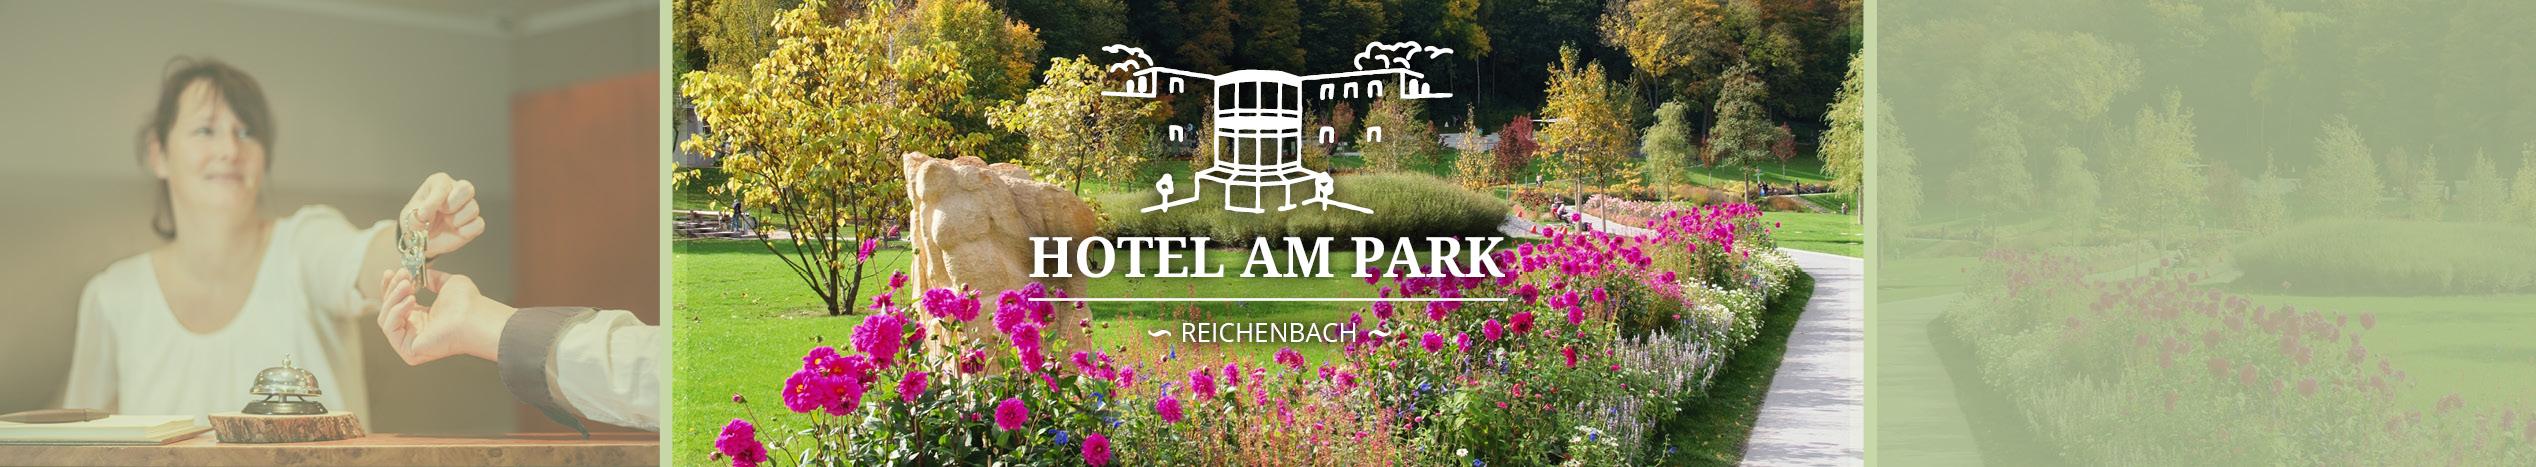 Hotel am Park – Reichenbach